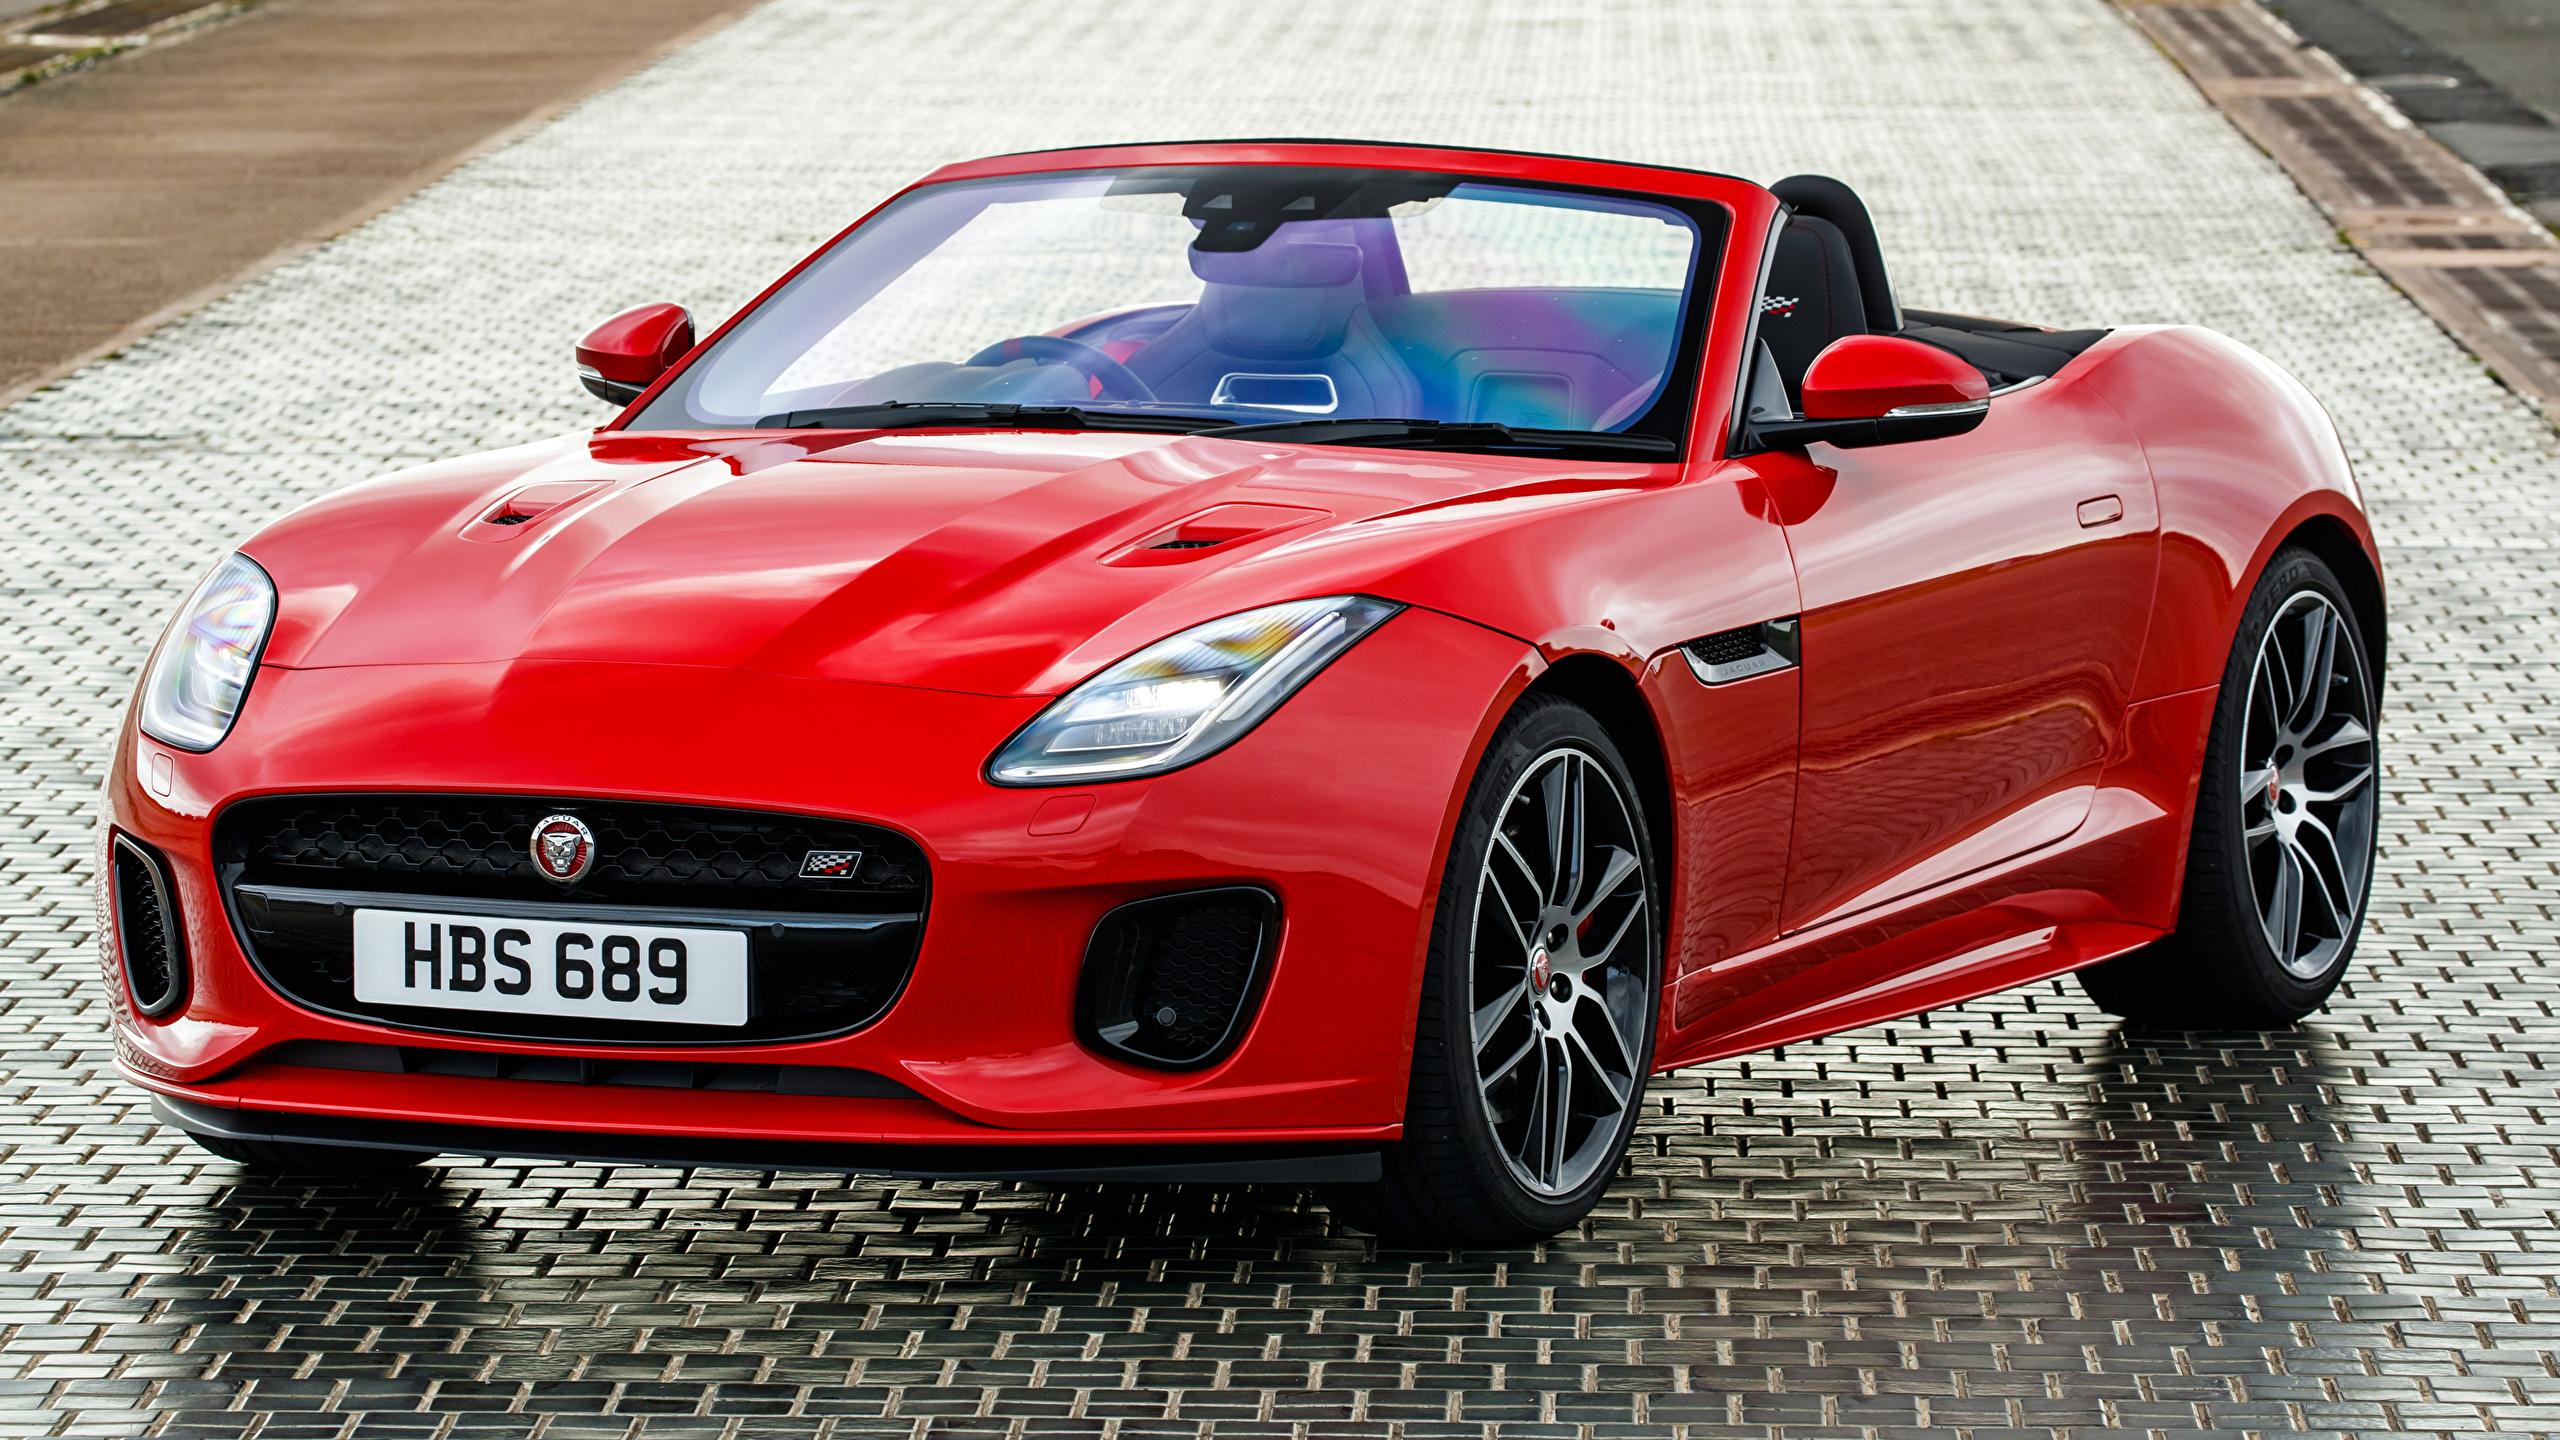 Обои для рабочего стола Ягуар 2018-19 F-Type  Chequered Flag  Convertible Кабриолет красные машины Металлик 2560x1440 Jaguar кабриолета красных Красный красная авто машина автомобиль Автомобили